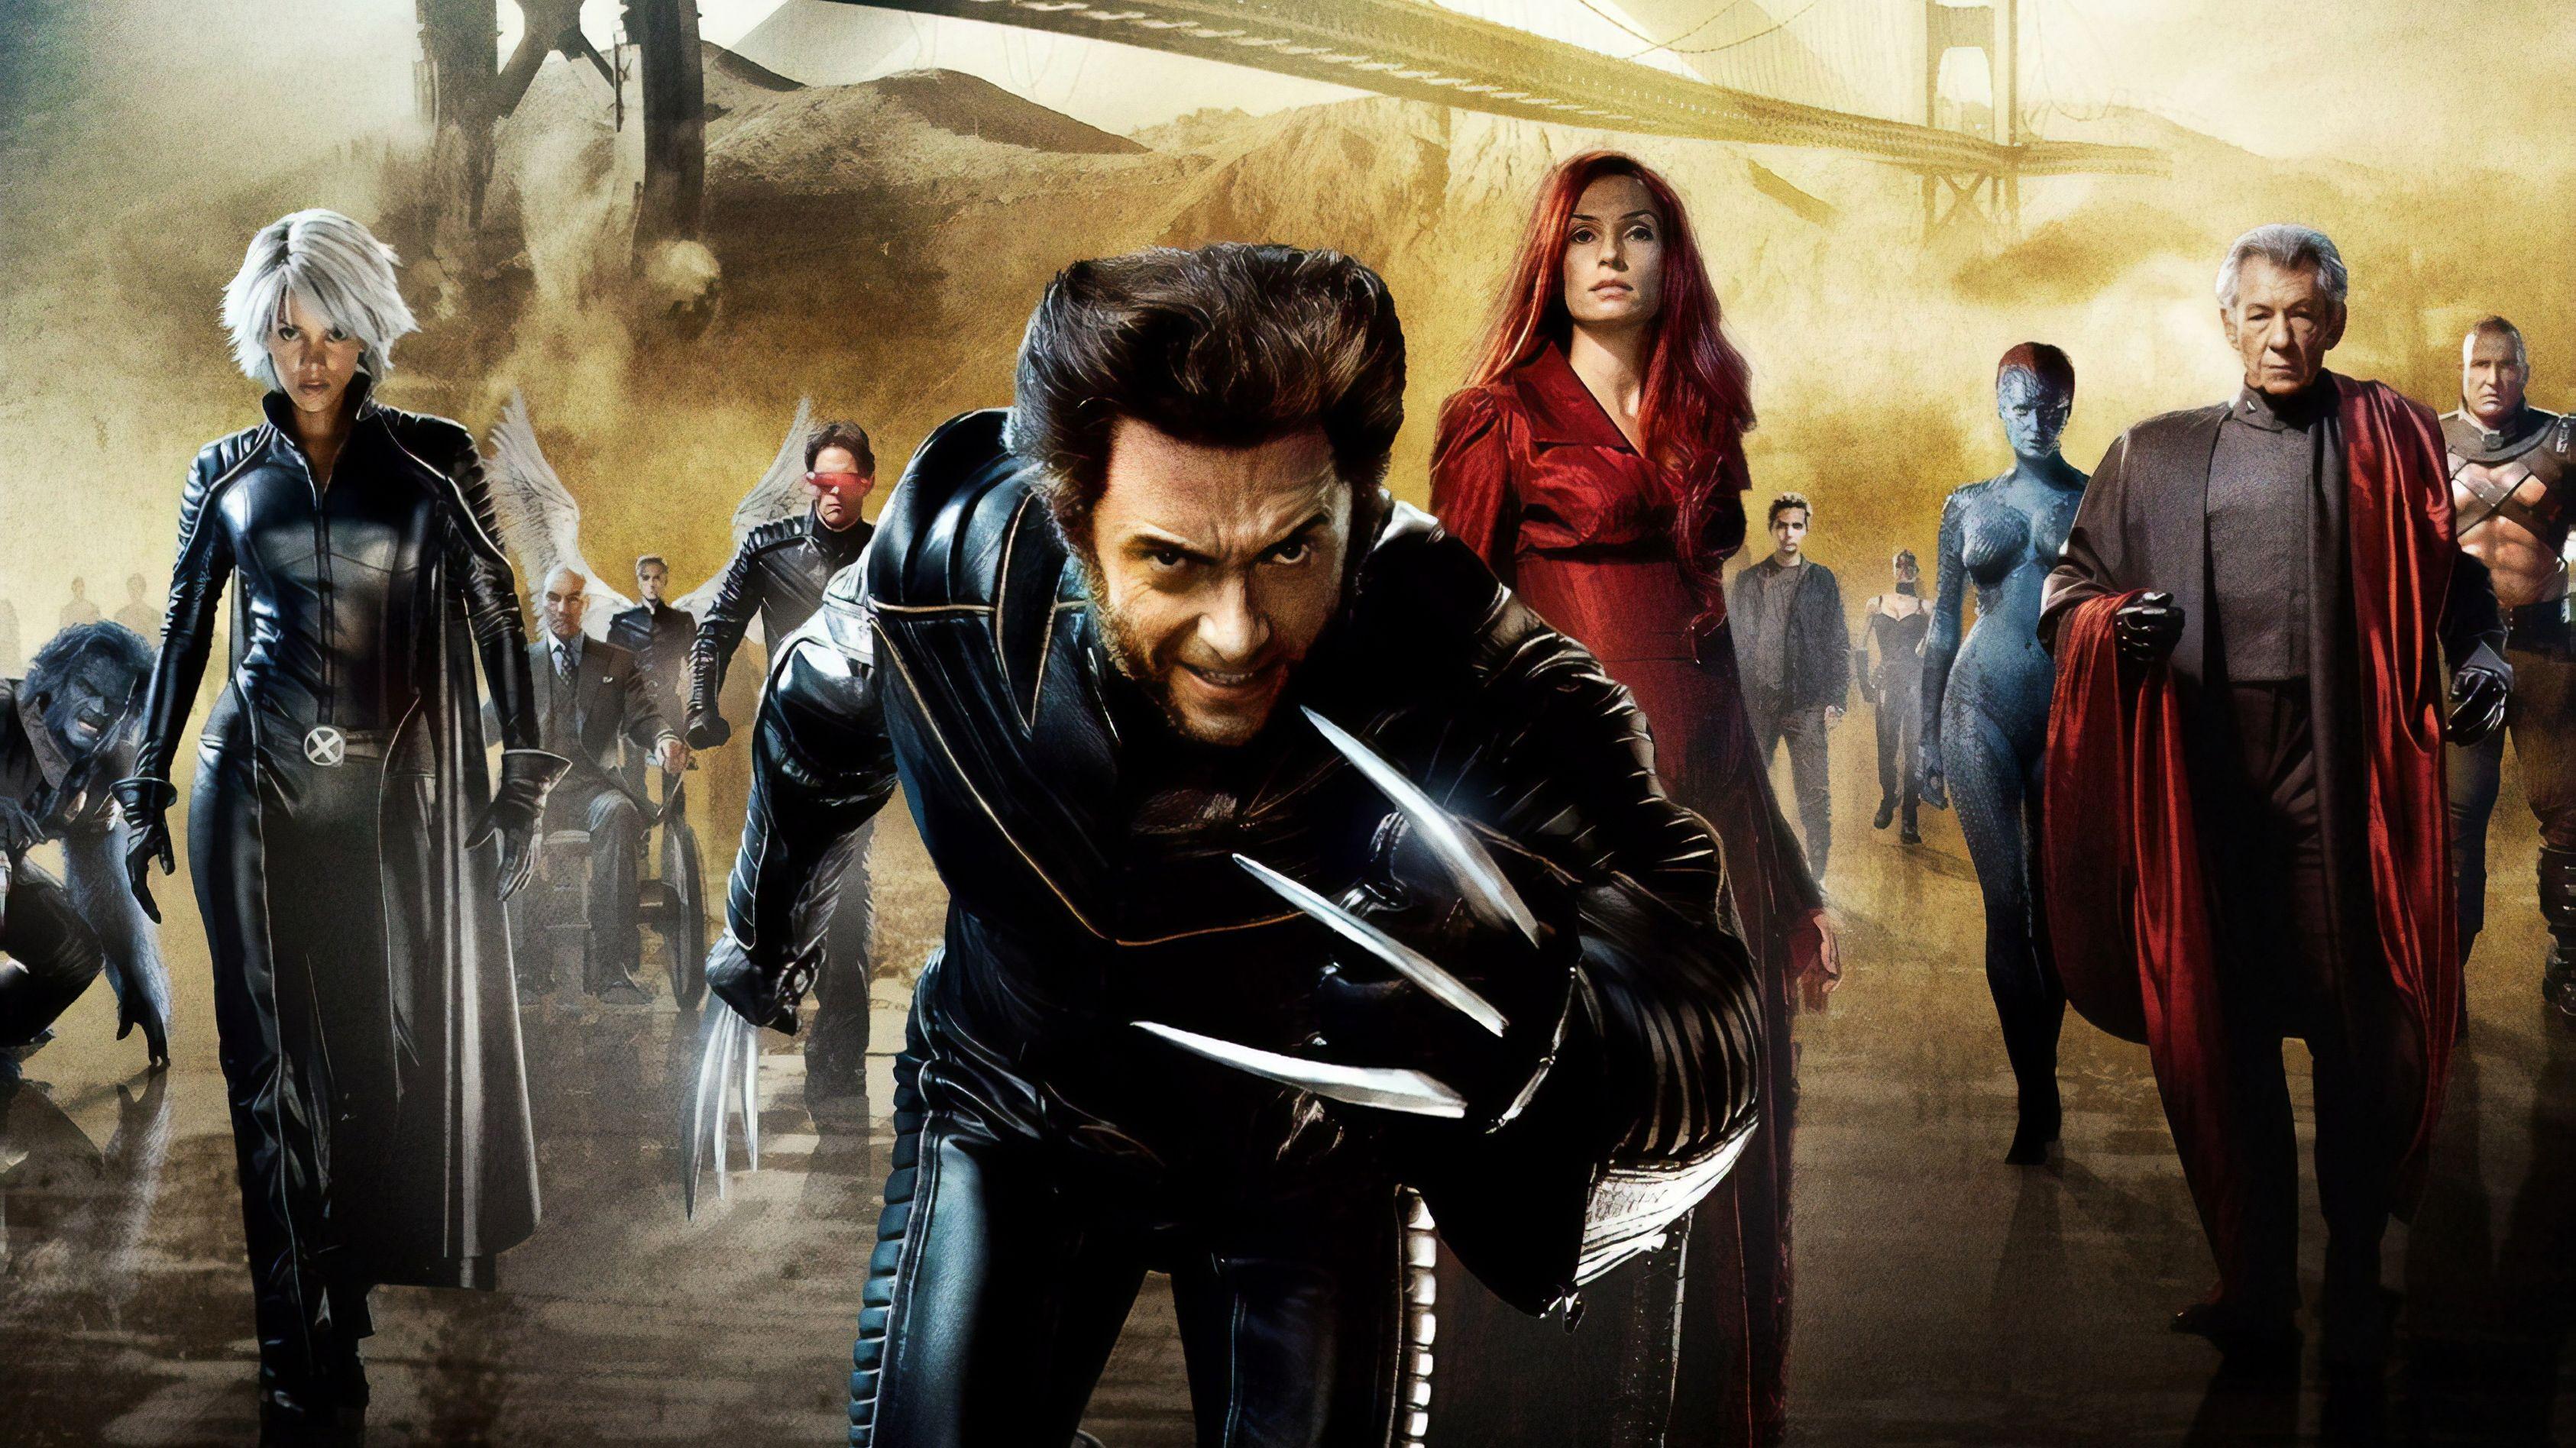 X Men Movie Wallpapers   Top X Men Movie Backgrounds 3372x1896